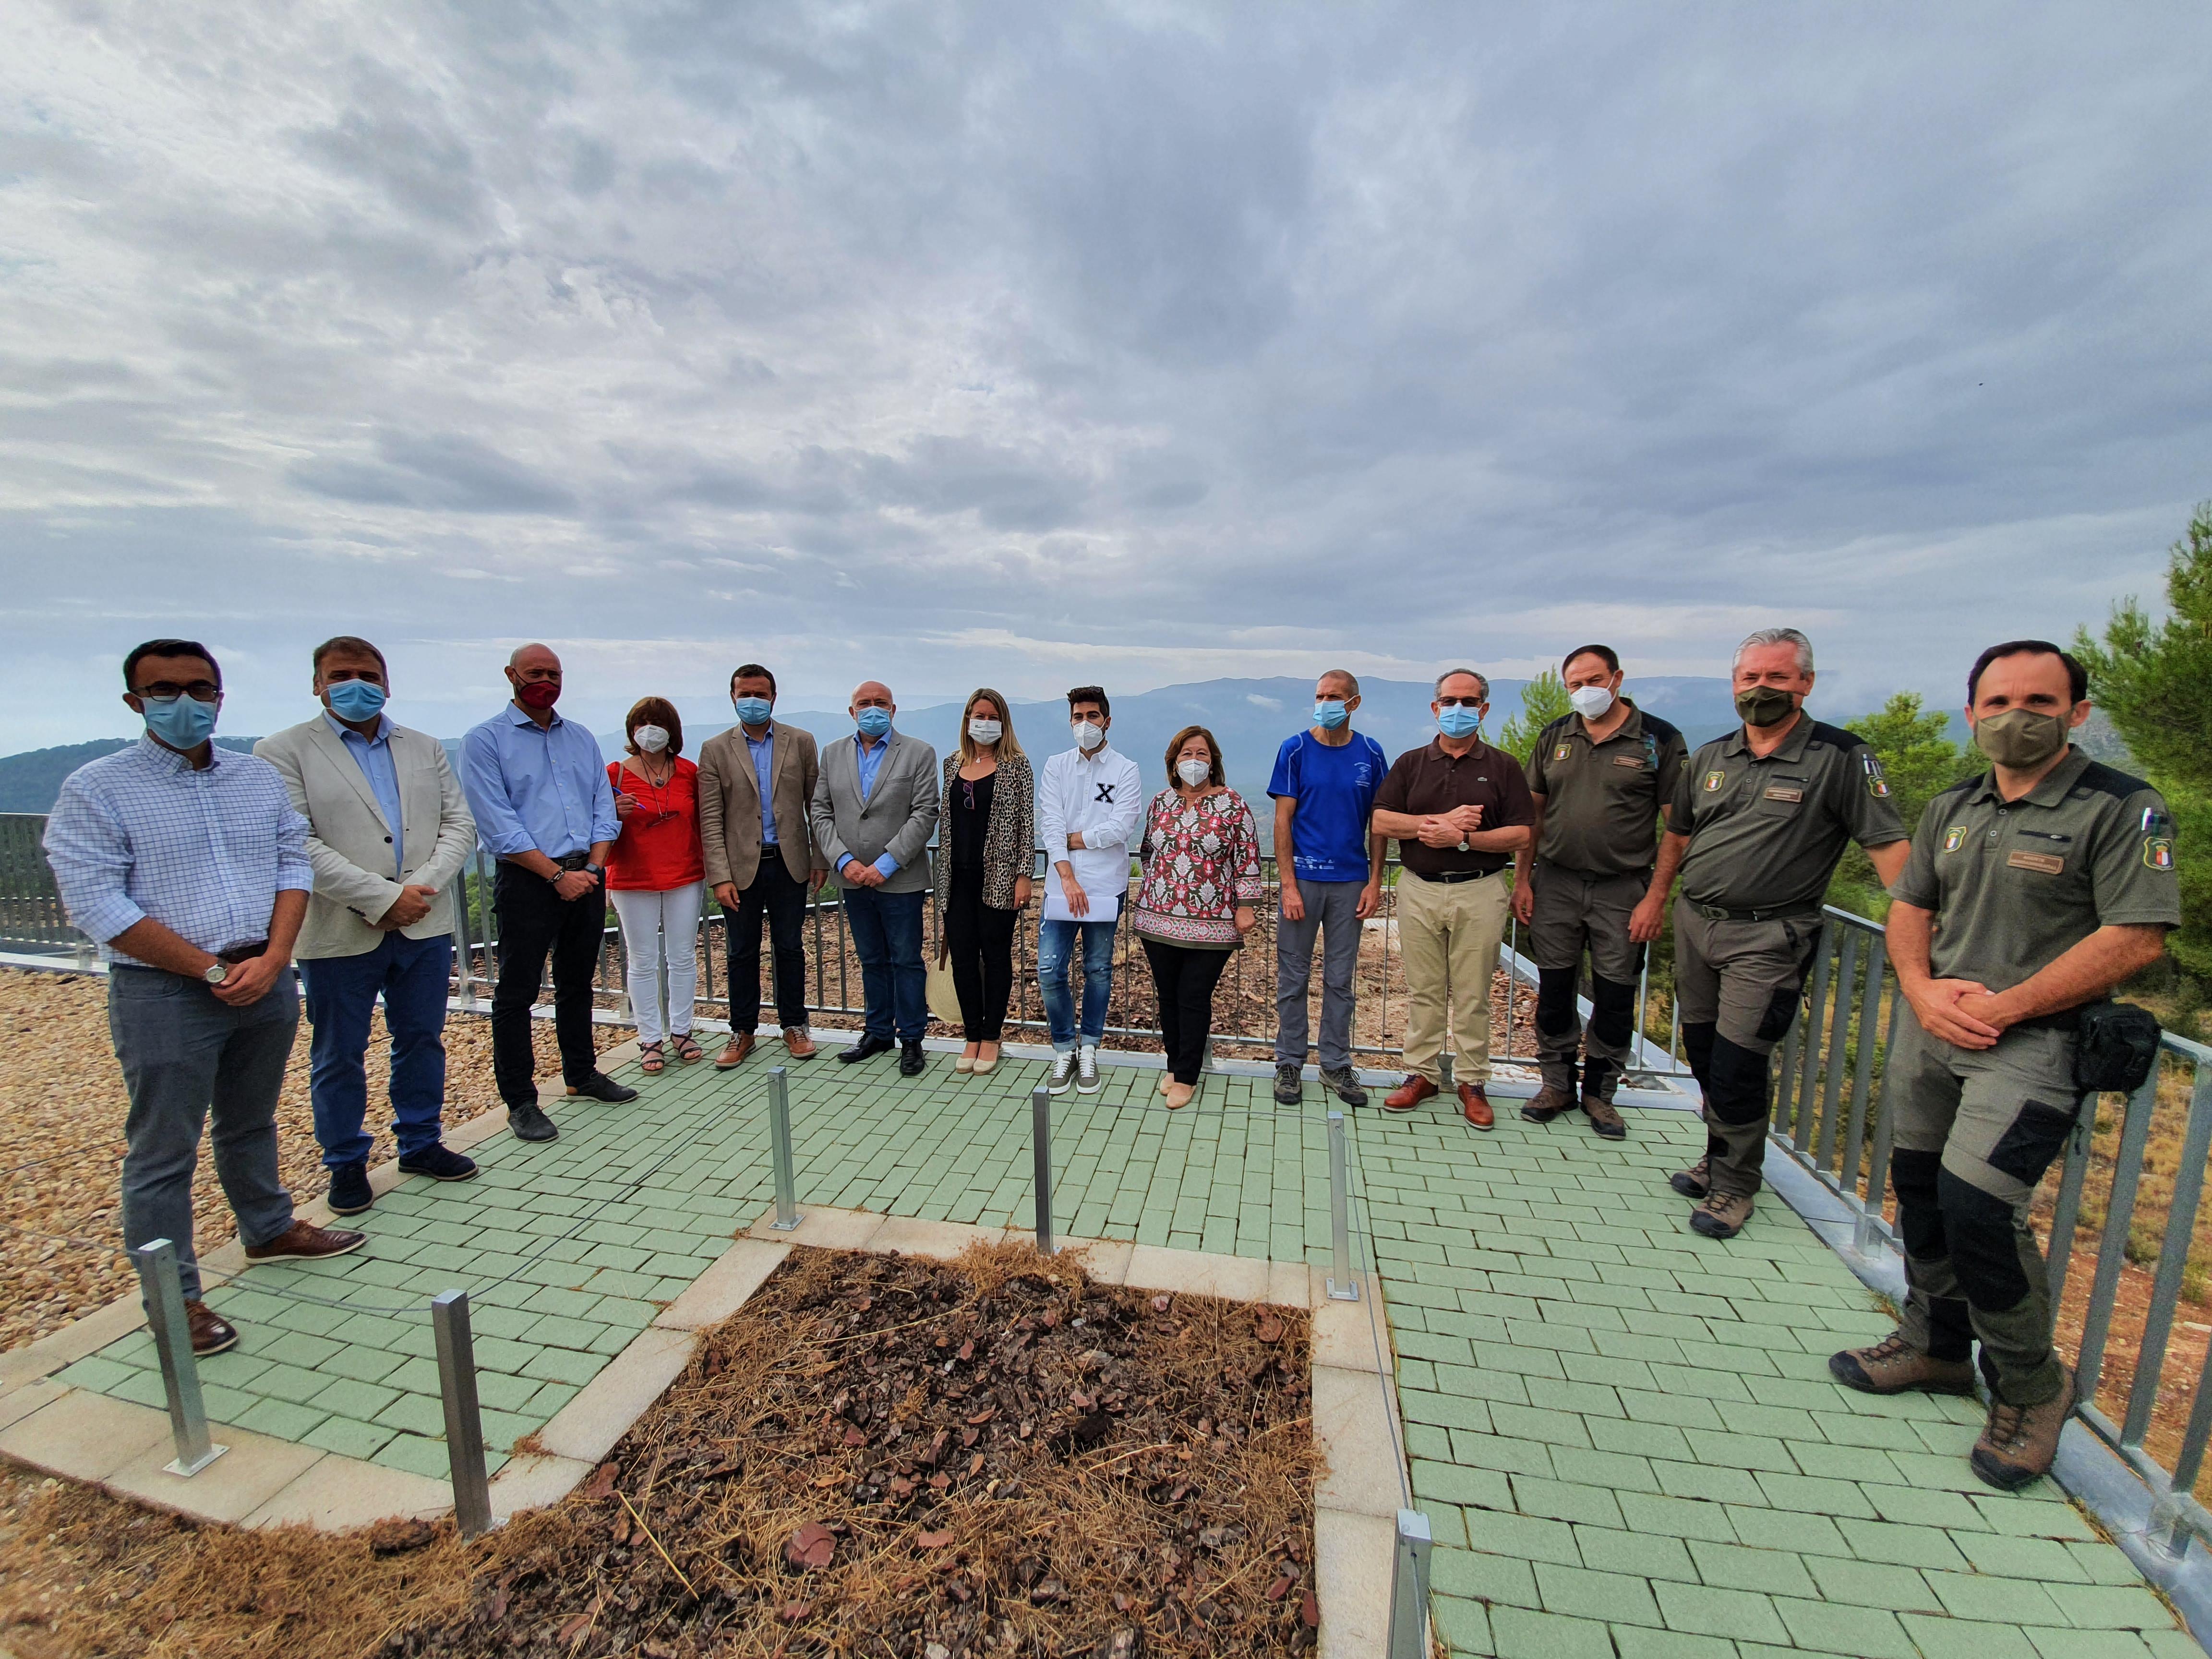 El Gobierno de Castilla-La Mancha invierte más de 300.000 euros en numerosas actuaciones y mejoras de las infraestructuras de uso público del Parque Natural de los Calares del Mundo y de la Sima